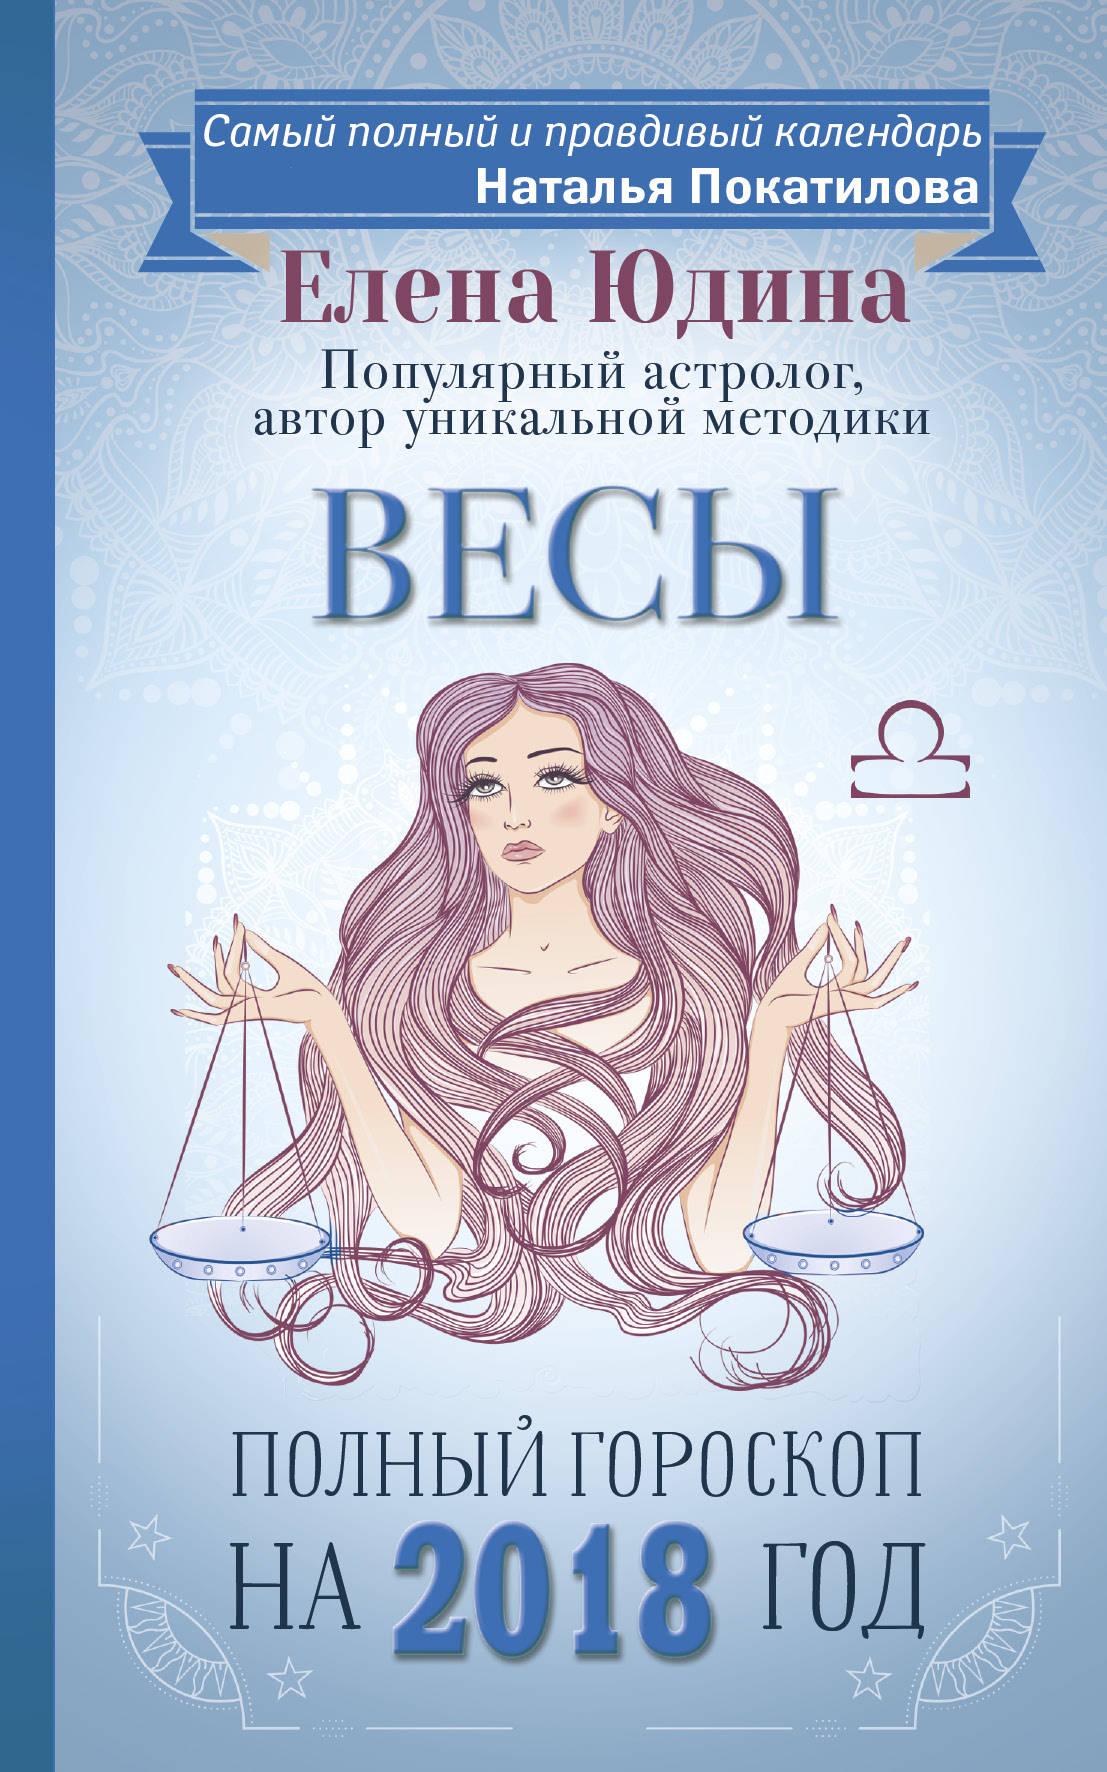 Елена Юдина Весы. Полный гороскоп на 2018 год